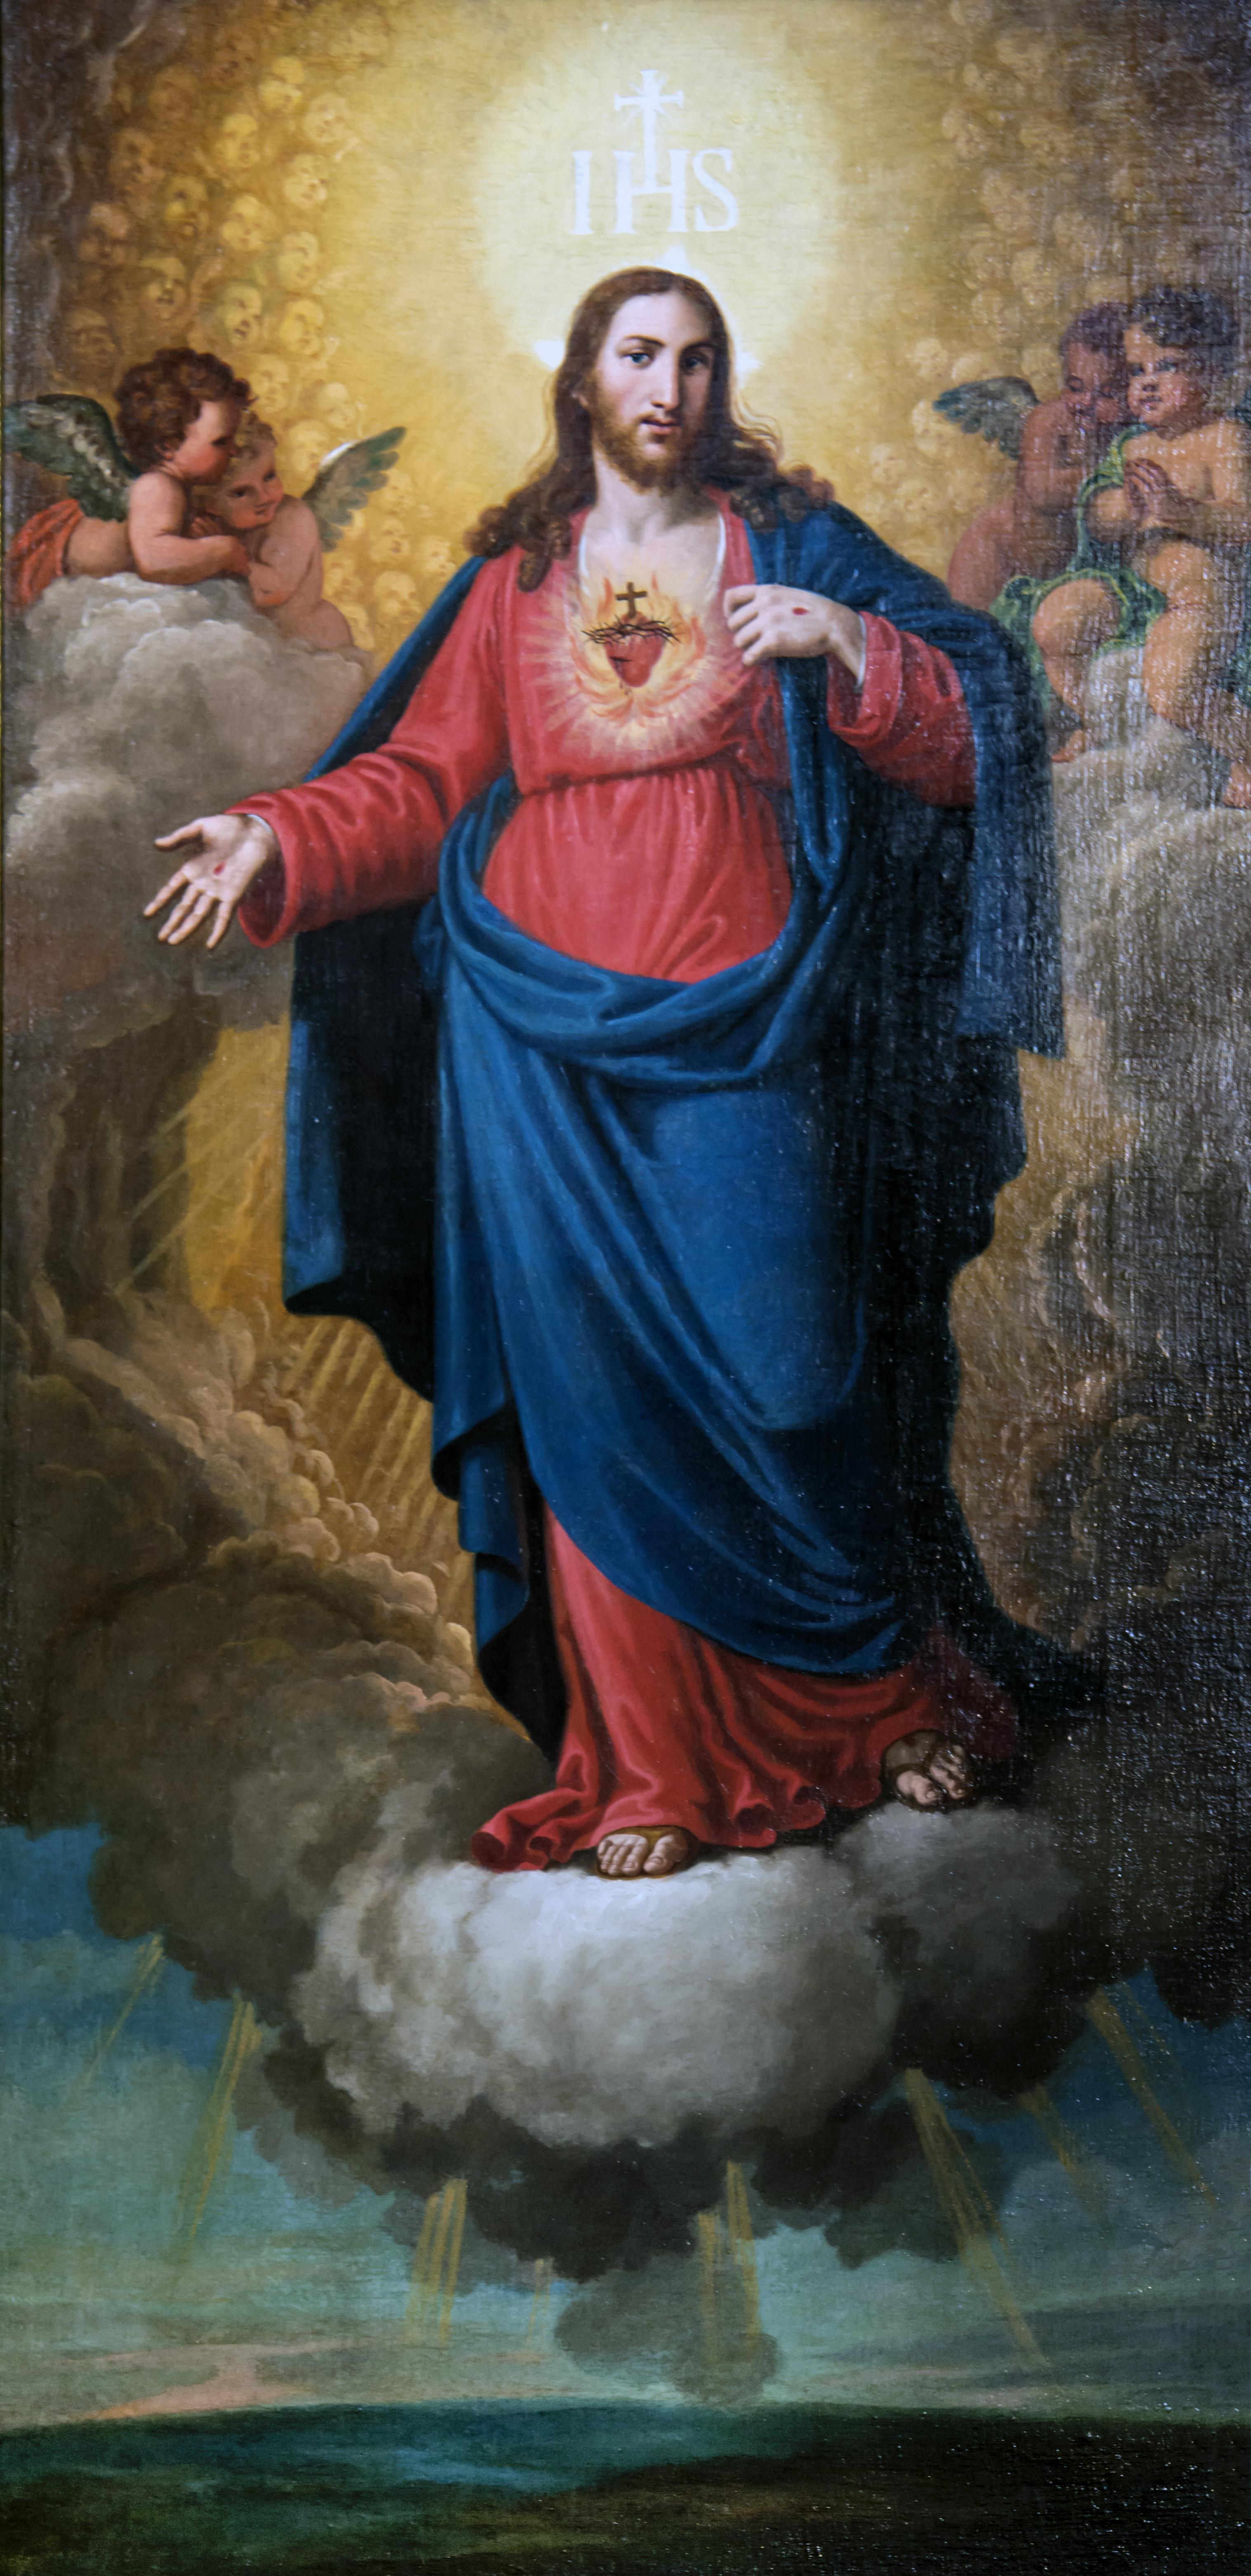 Chiesa del Nome di Gesù - Venice - Il Sacro Cuore by Lattanzio Querena